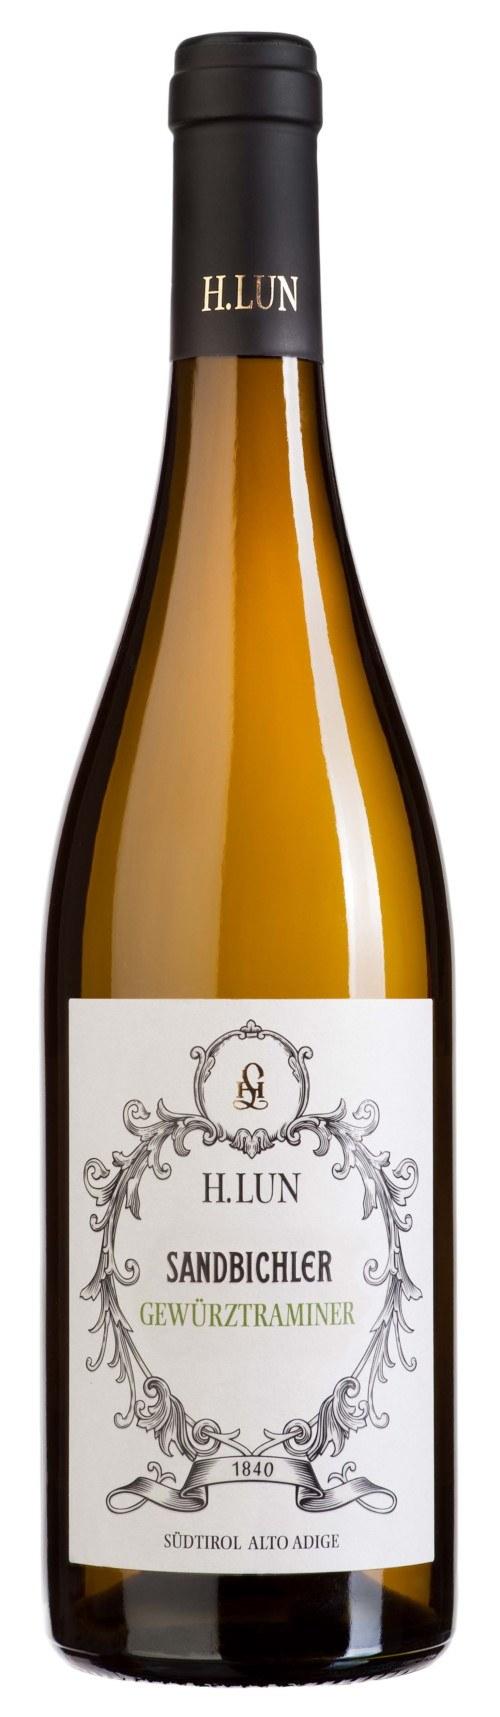 Gewurztraminer vino bianco Alto adige di Cornaiano